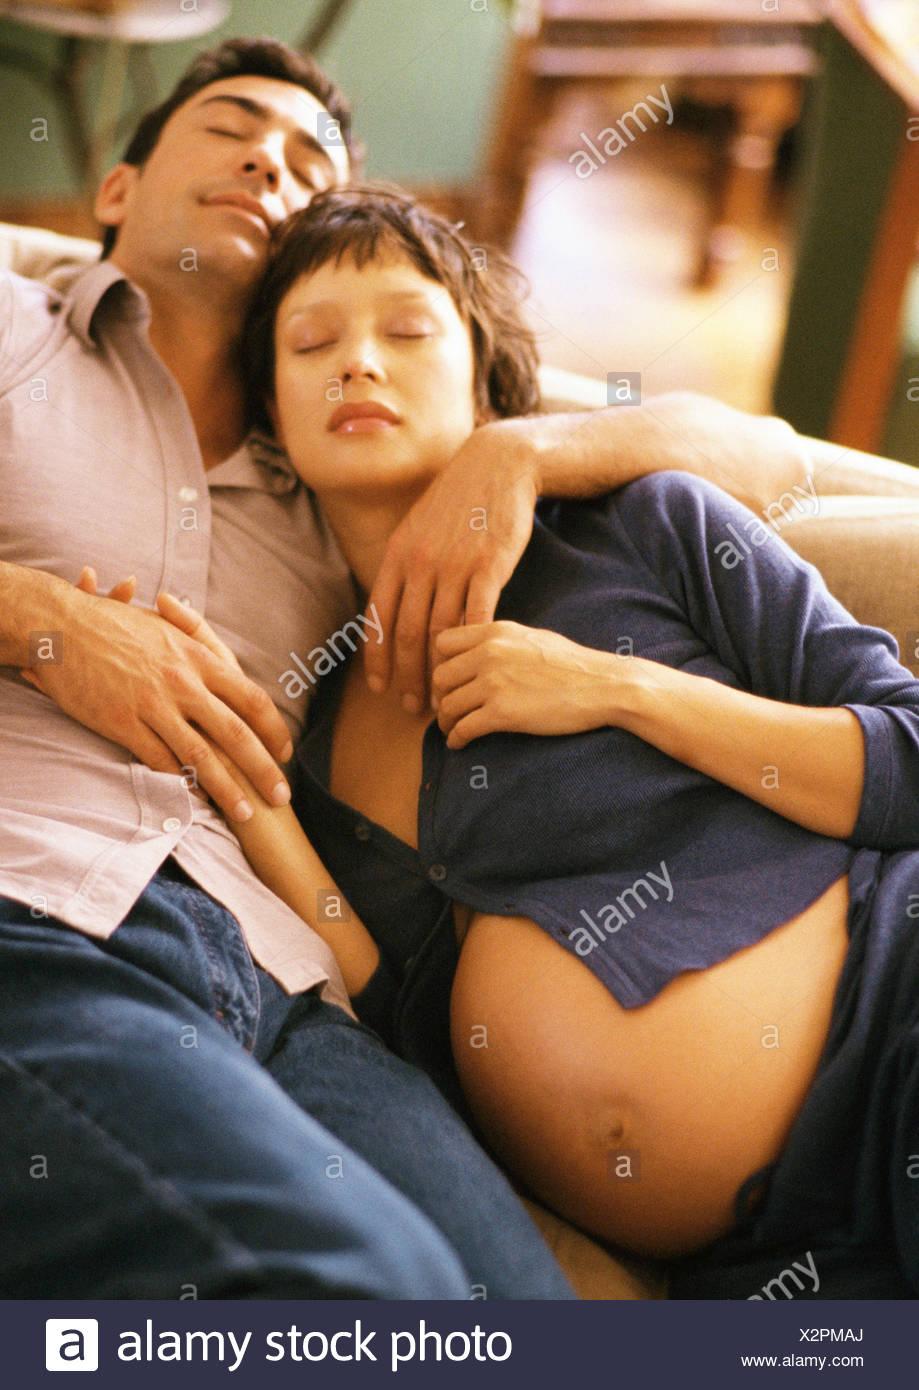 Pregnant woman and man sleeping on sofa - Stock Image